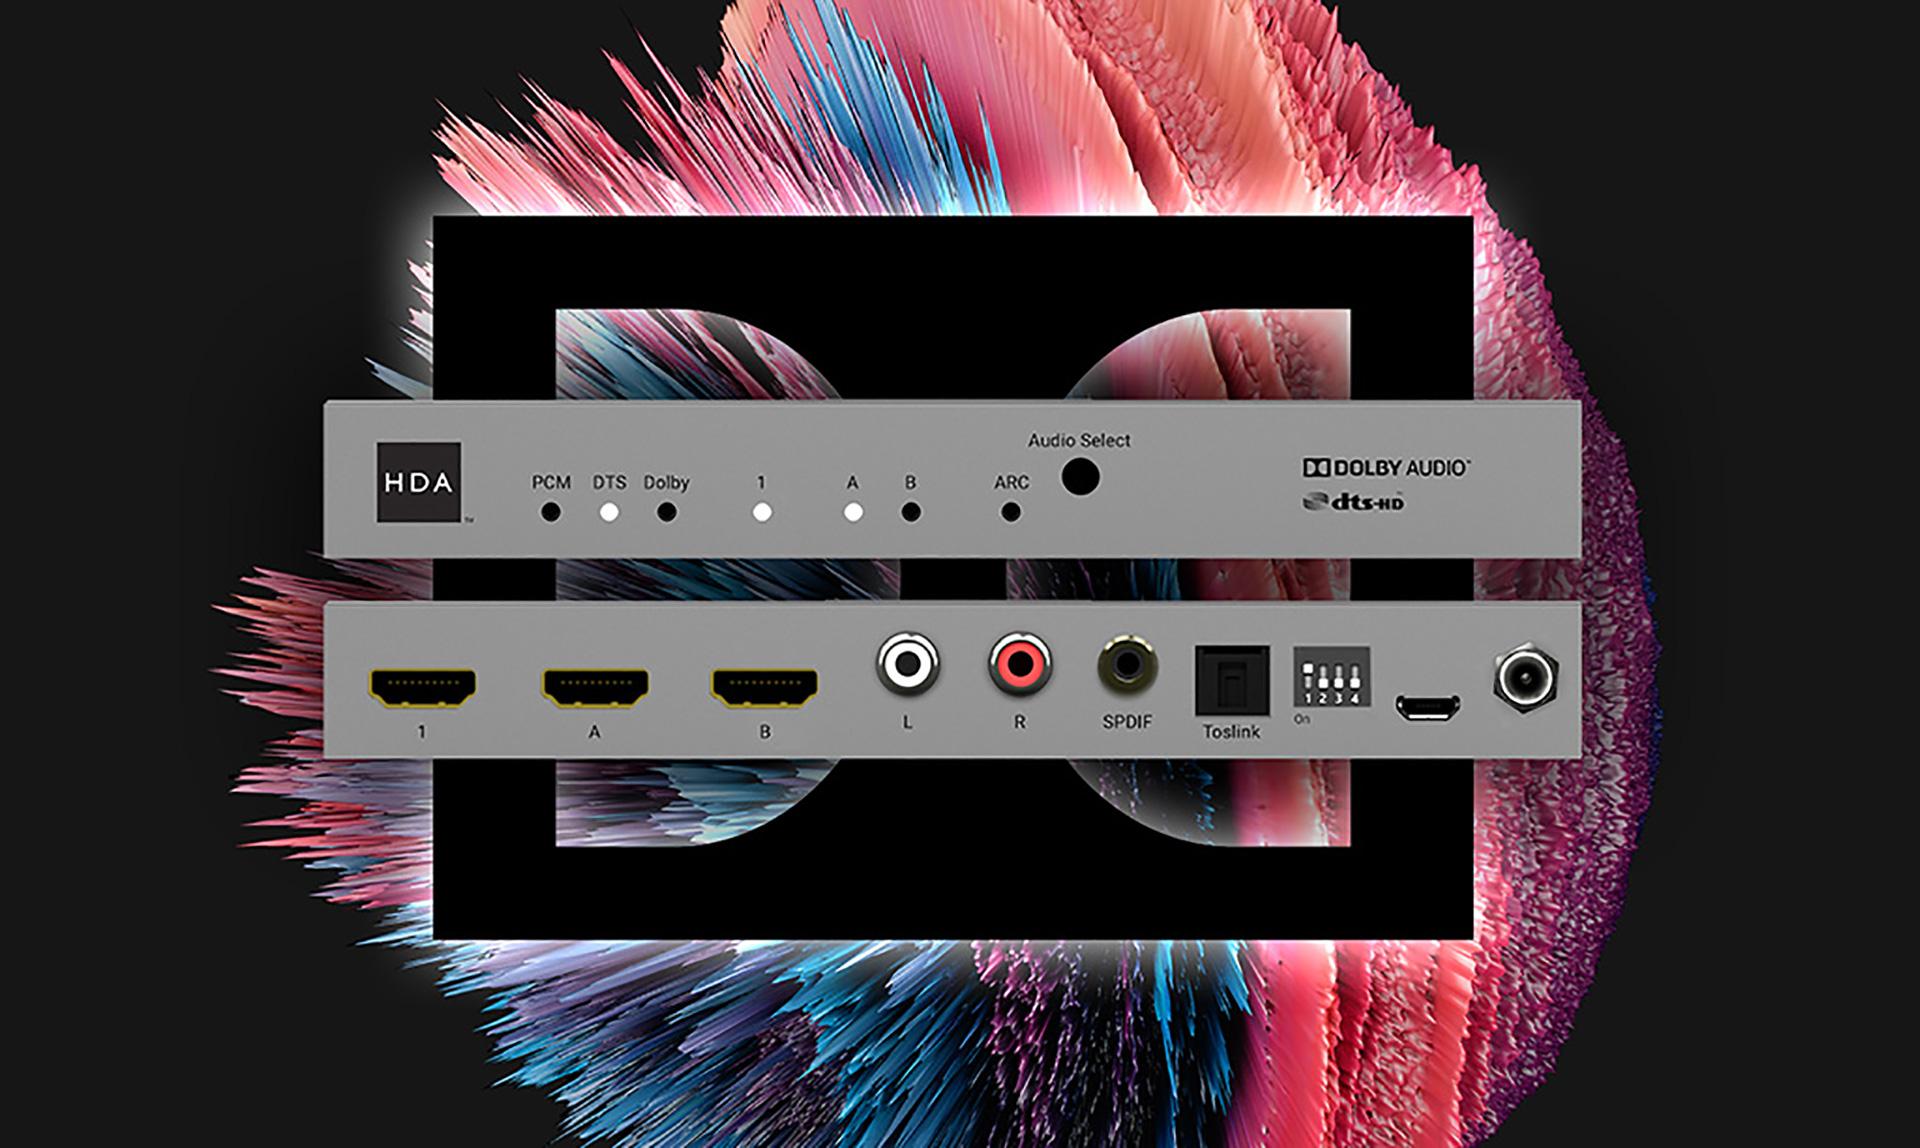 ¿Quieres separar señales de audio y video en un HDMI? HDNAYWHERE resuelve el problema